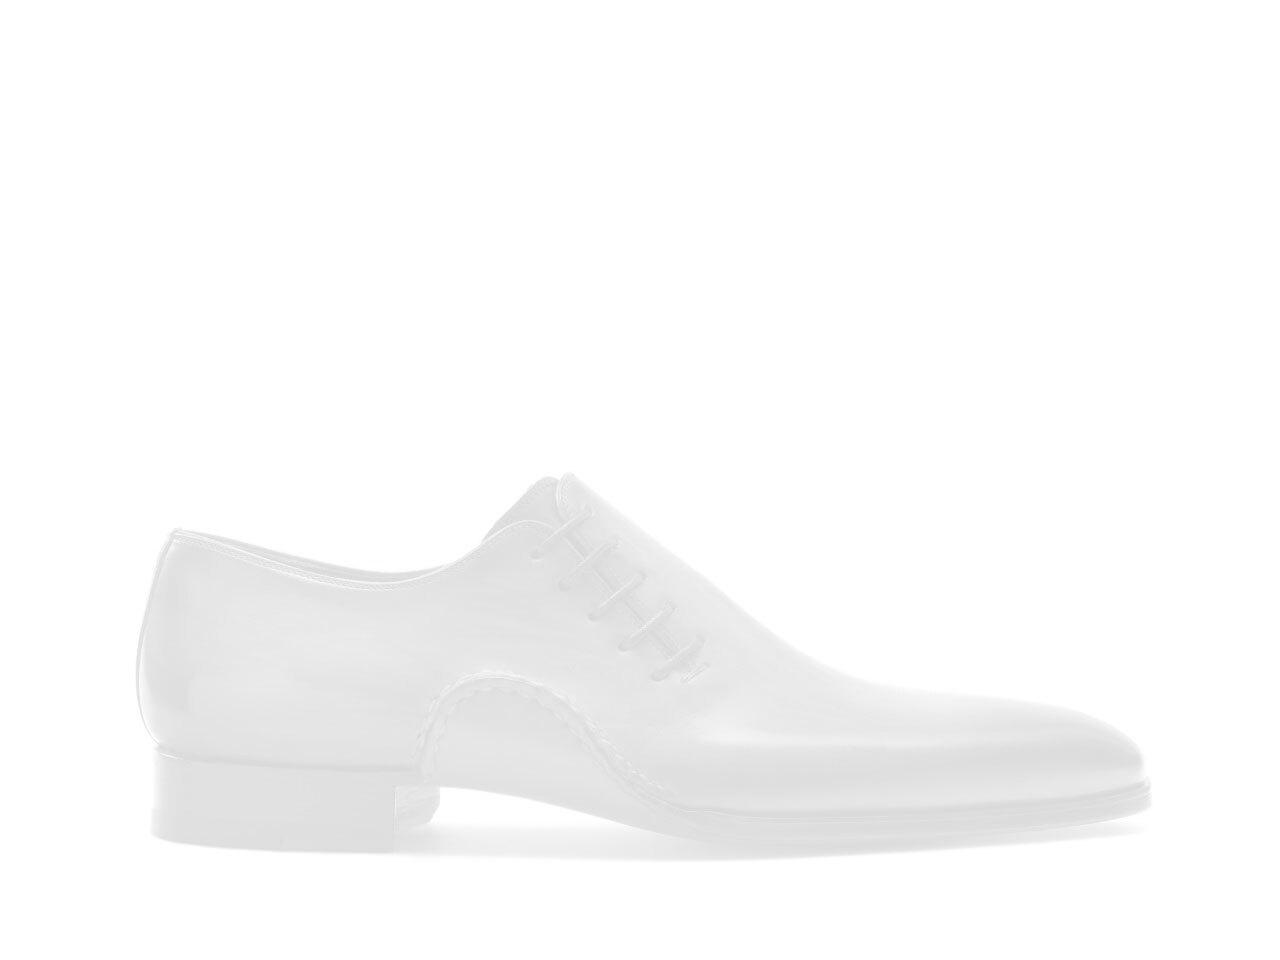 Pair of the Magnanni Herrera Cuero Men's Comfort Dress Shoes